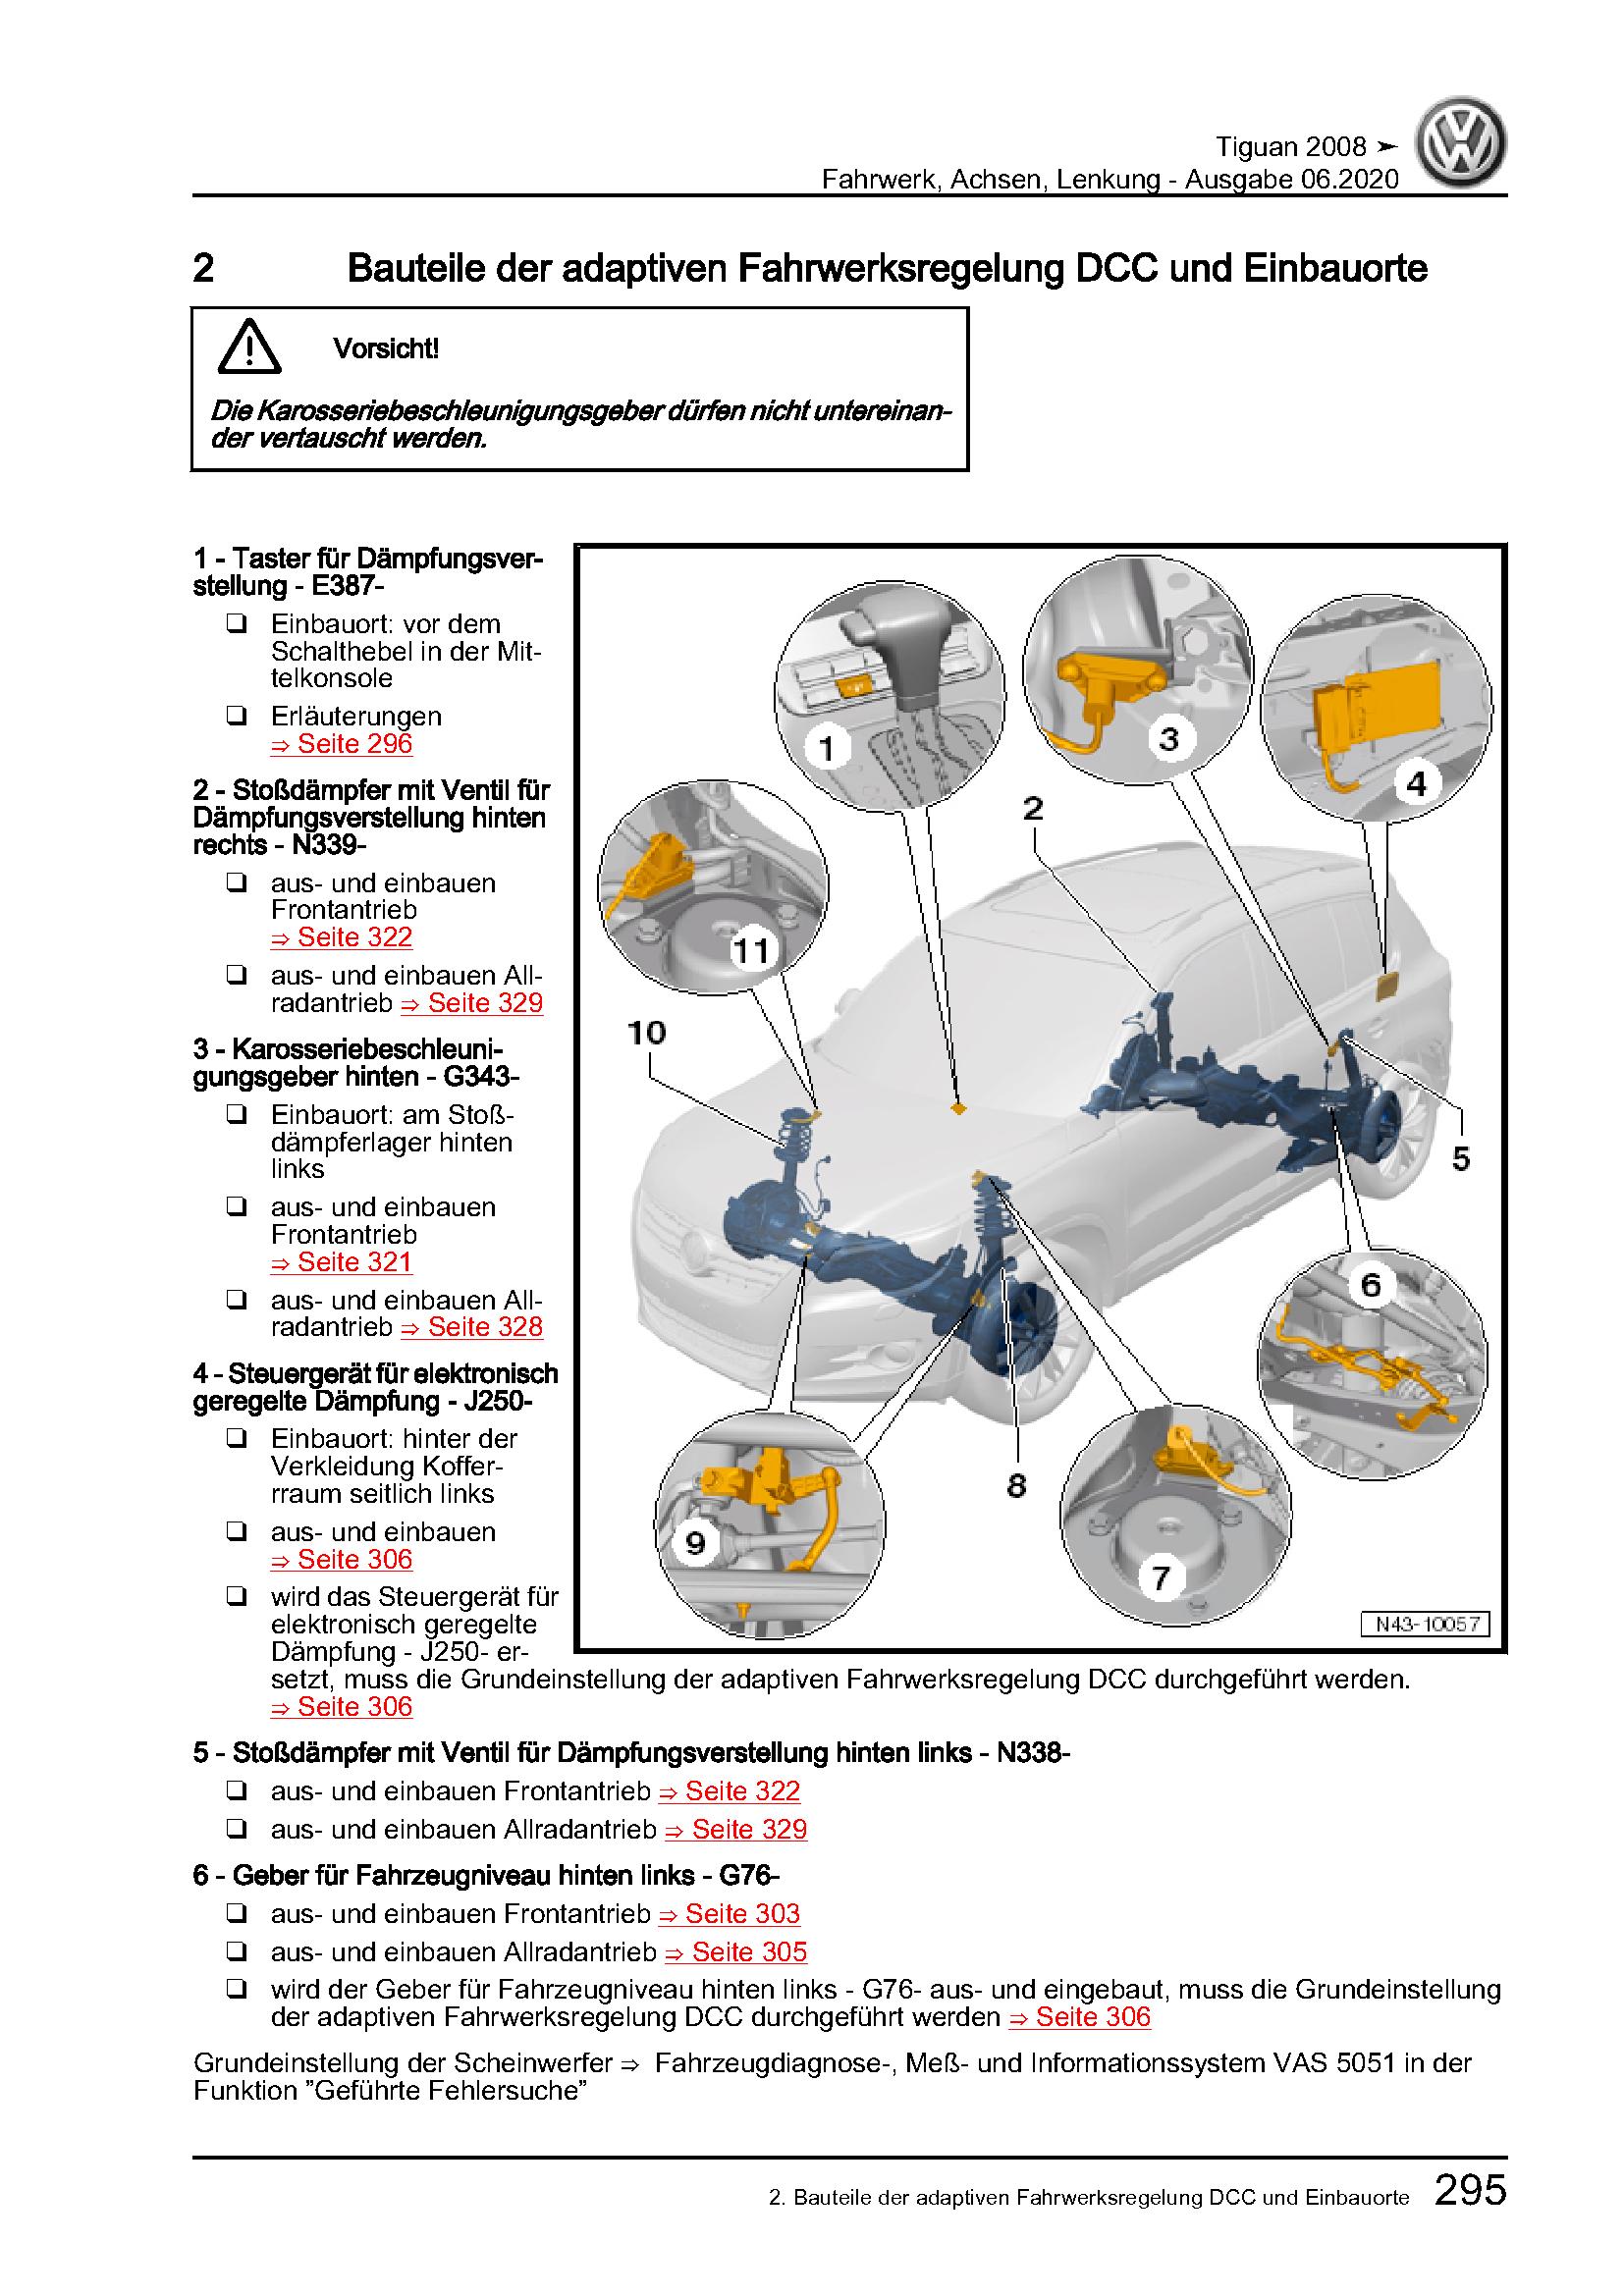 vw-tiguan-5n-0011-fahrwerk_achsen_lenkung_1_1.png